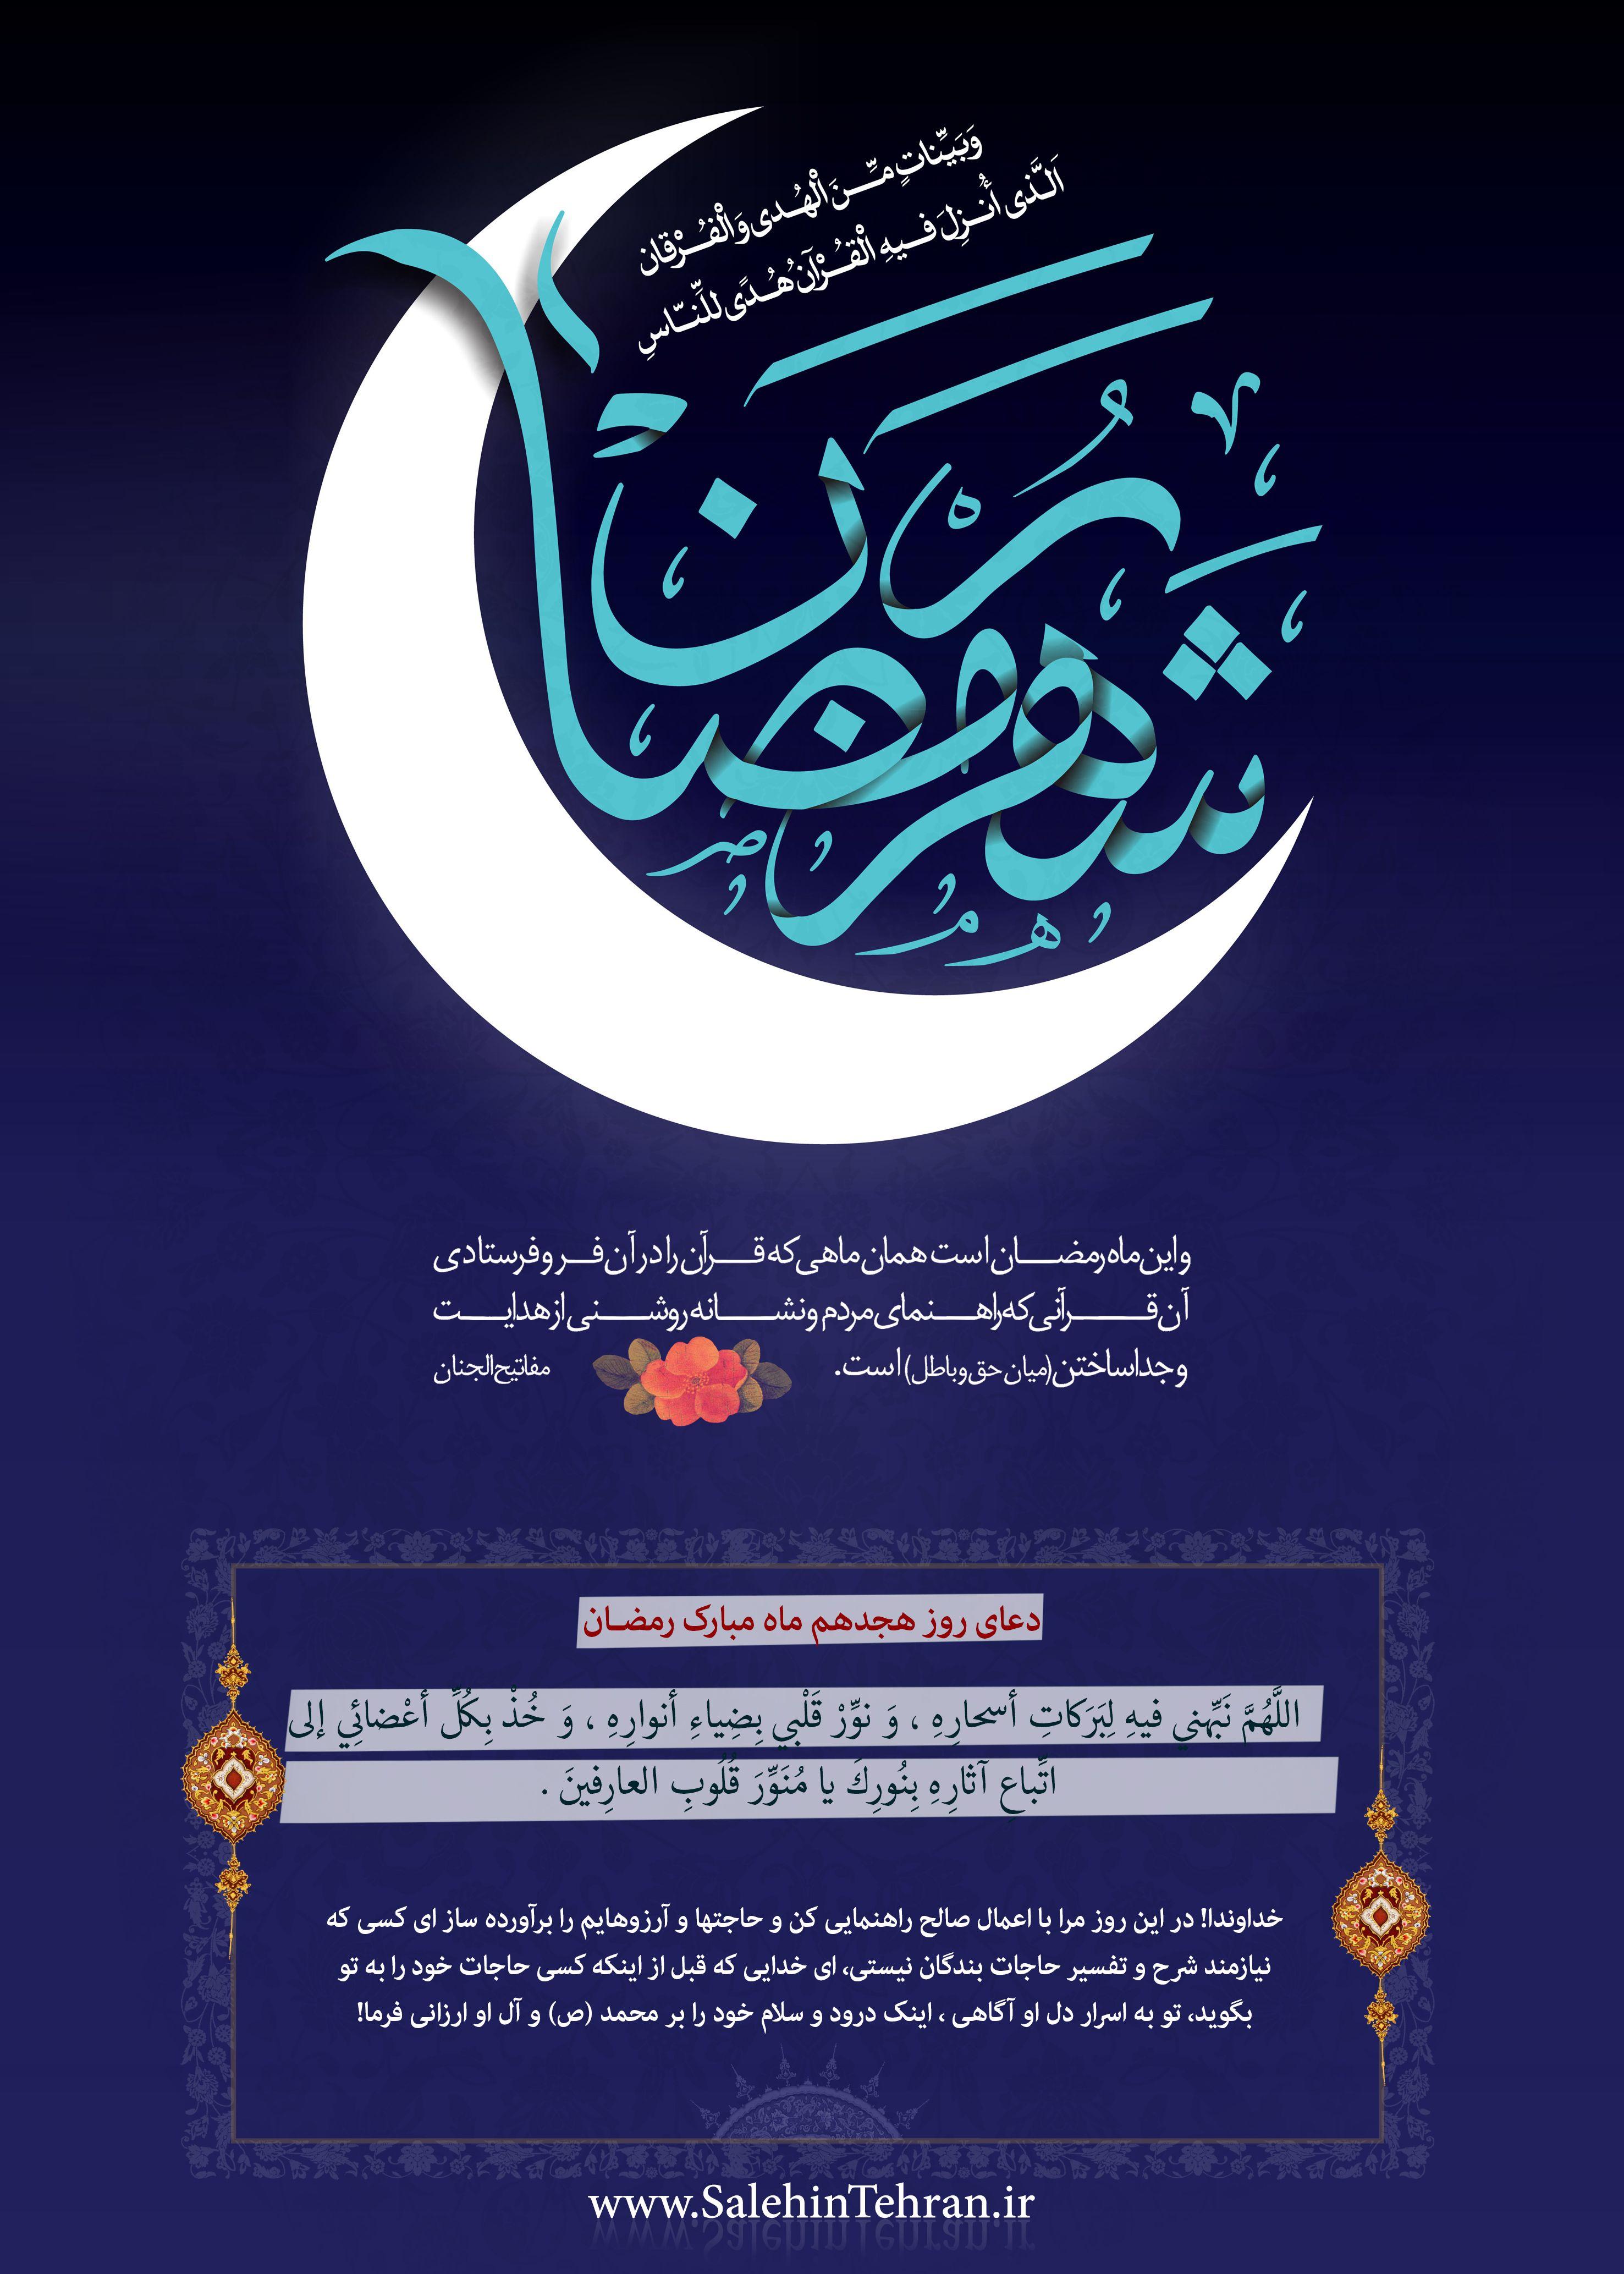 پوستر دعای روز هجدهم ماه مبارک رمضان عمارنامه Studio Background Images Company Logo British Leyland Logo